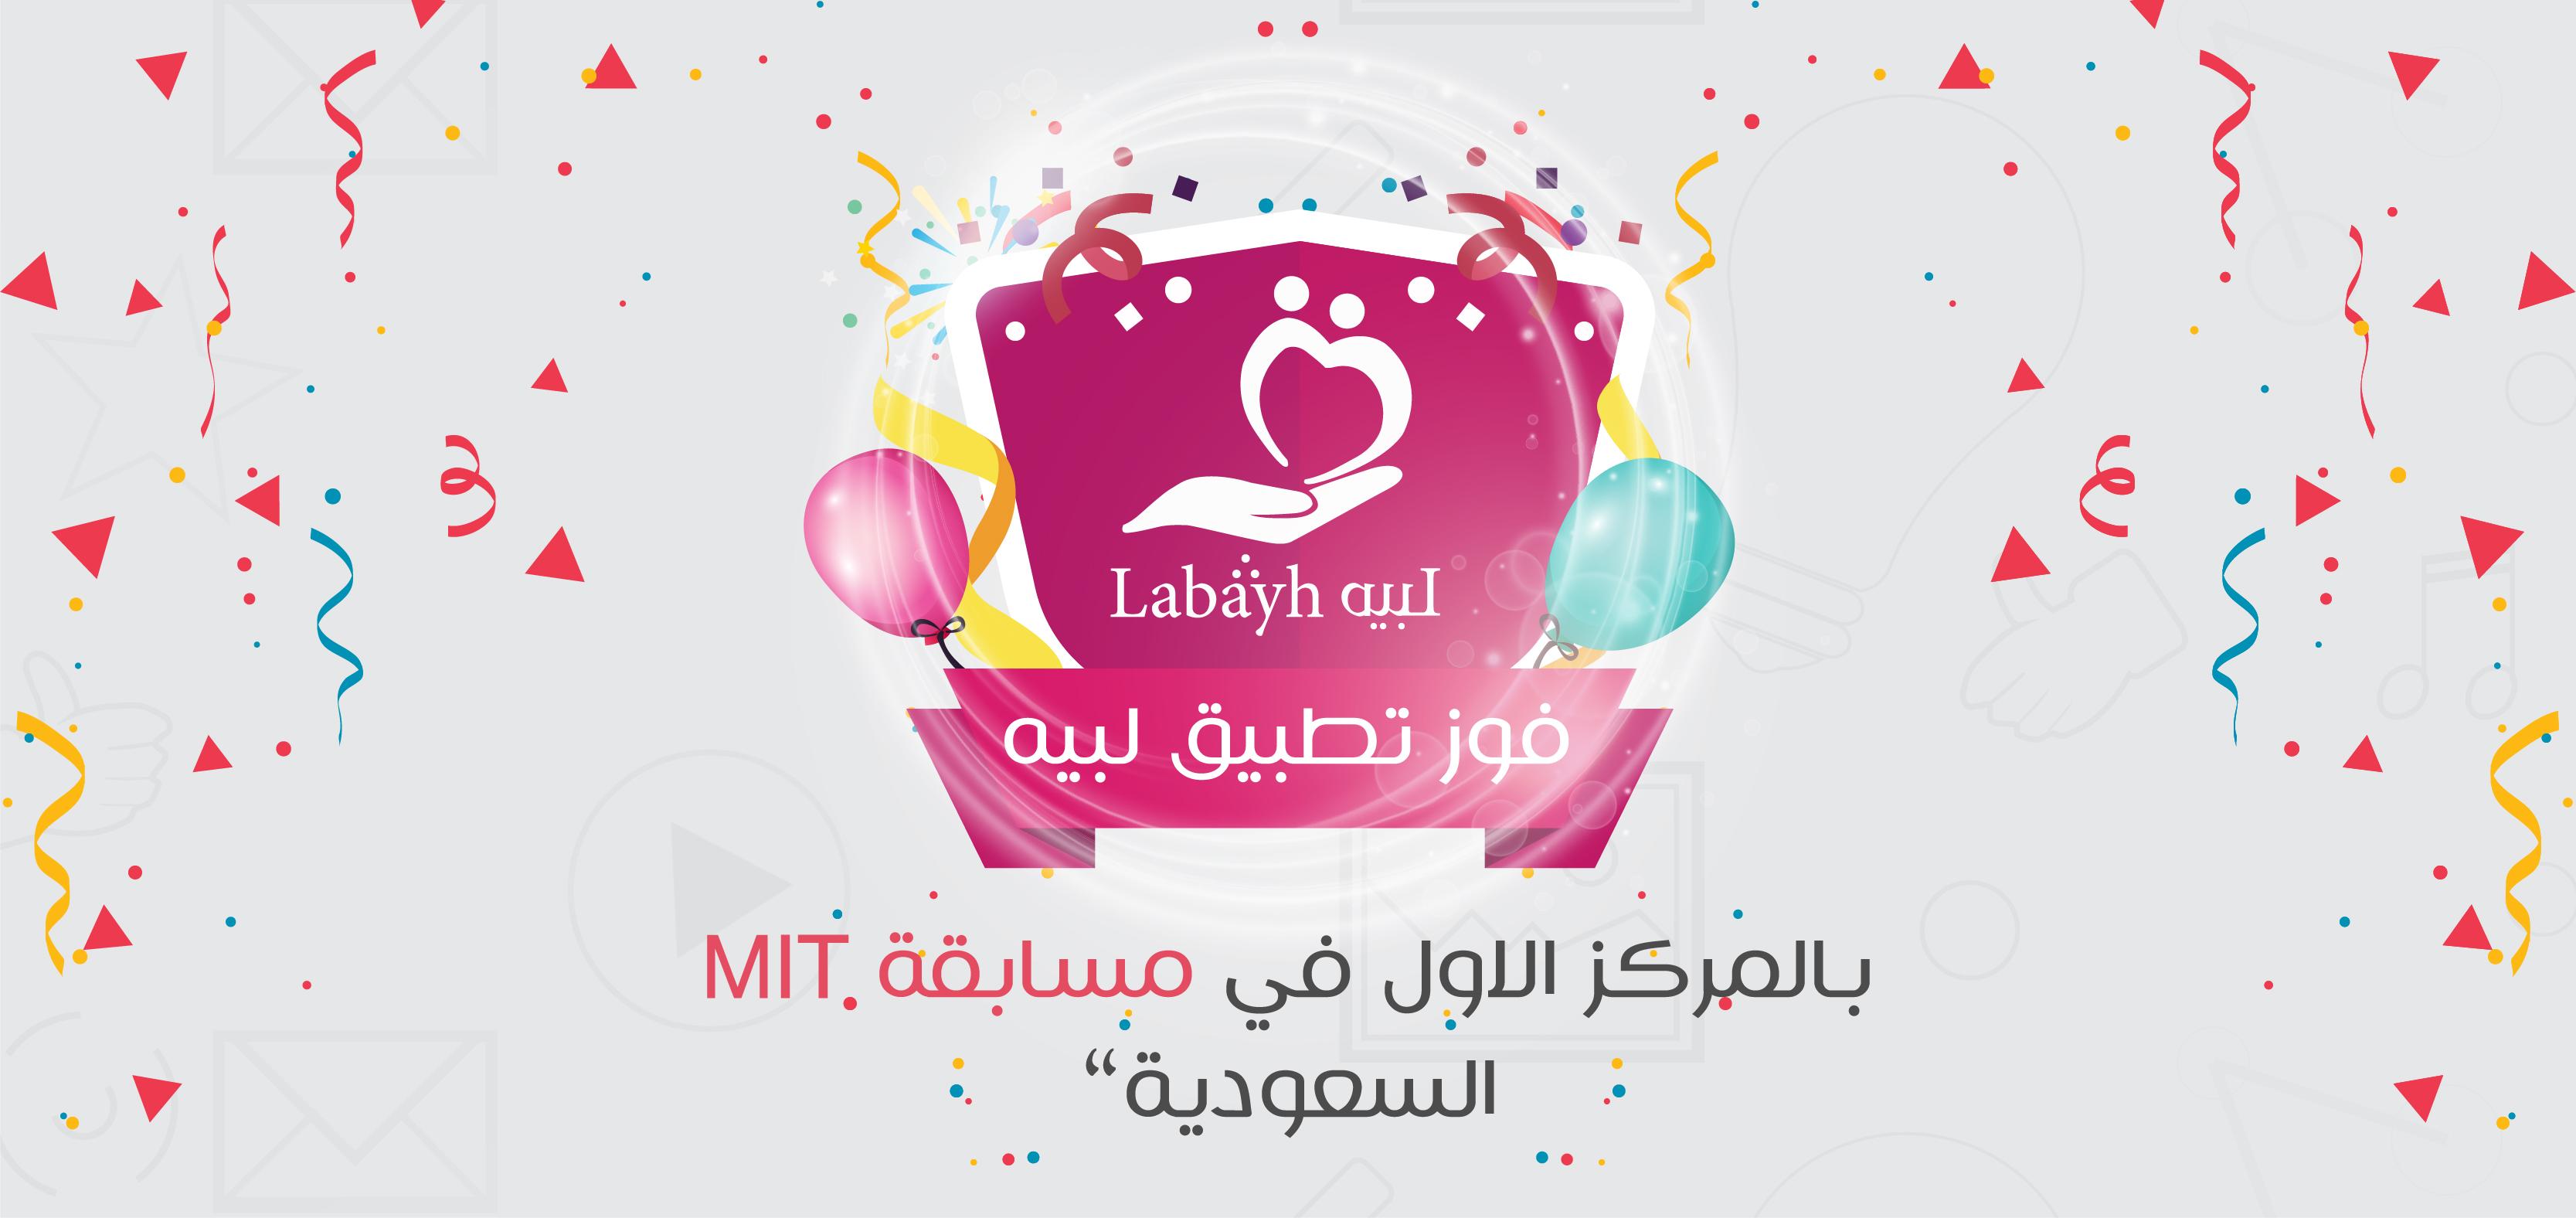 تطبيق لبيه للاستشارات النفسية : المركز الأول بمسابقة MIT بالسعودية